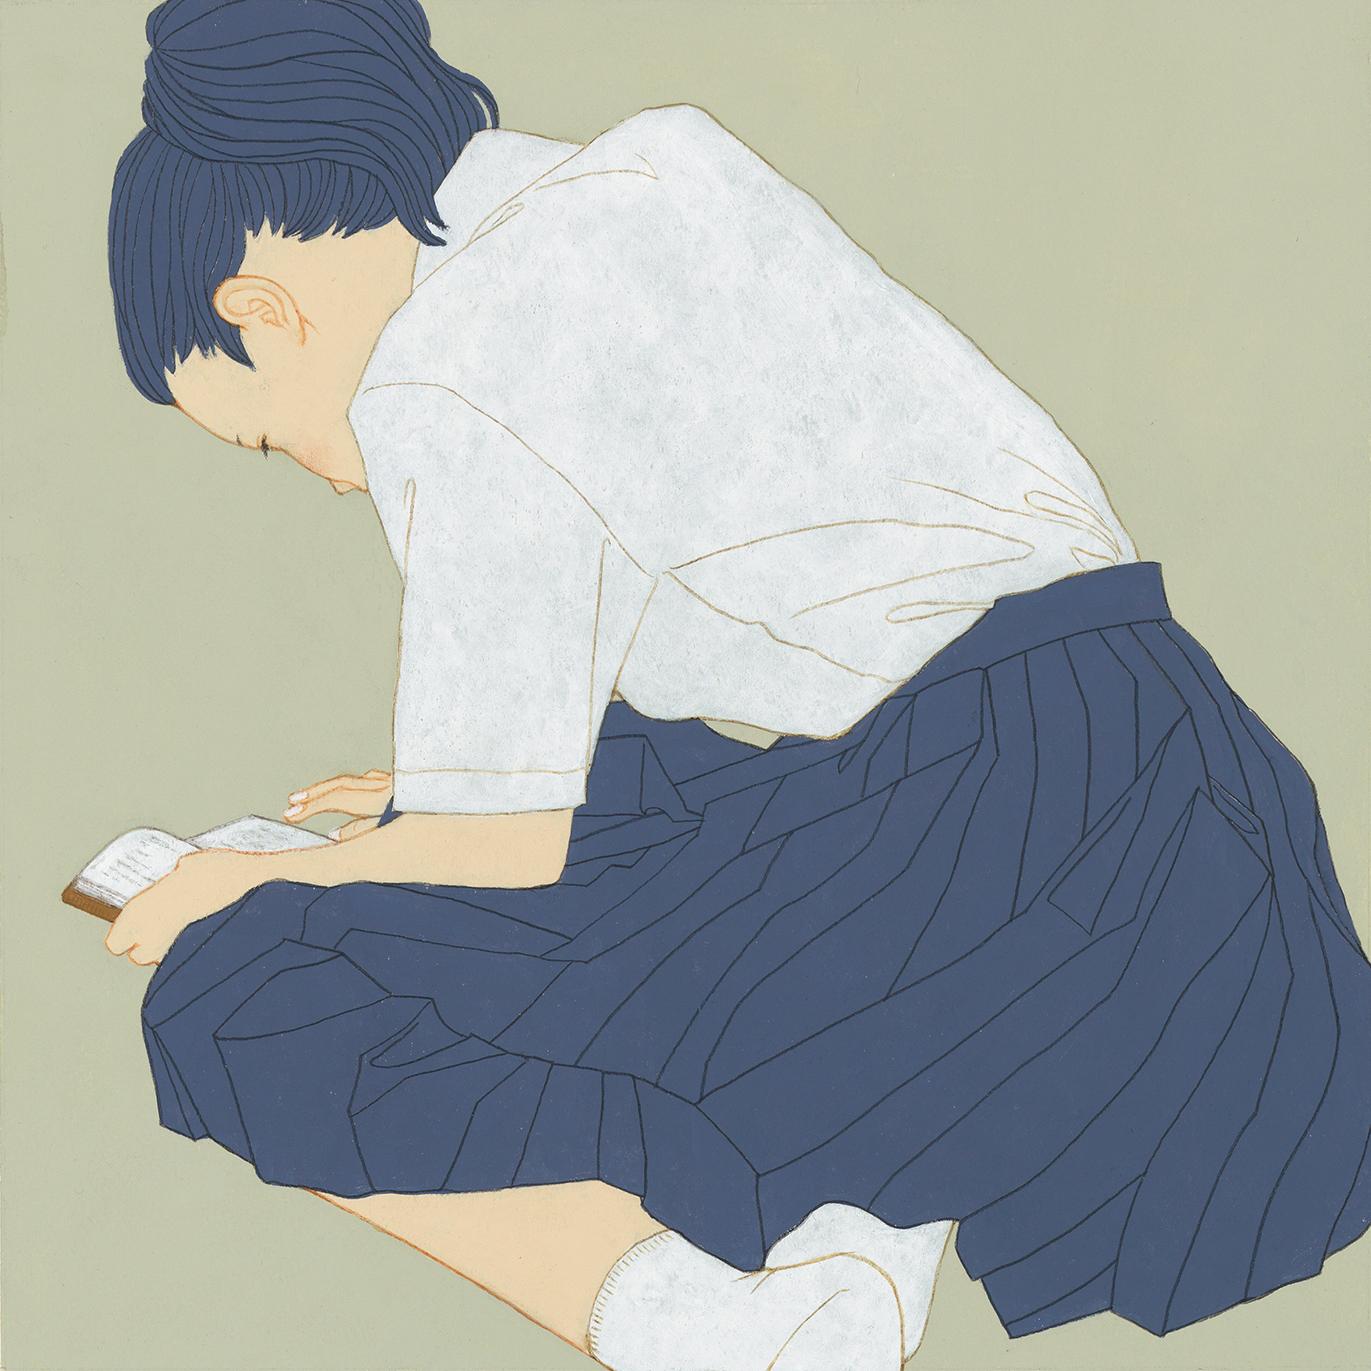 『イラストレーション』の誌上コンペ、第35回ザ・チョイス年度賞、結果発表!